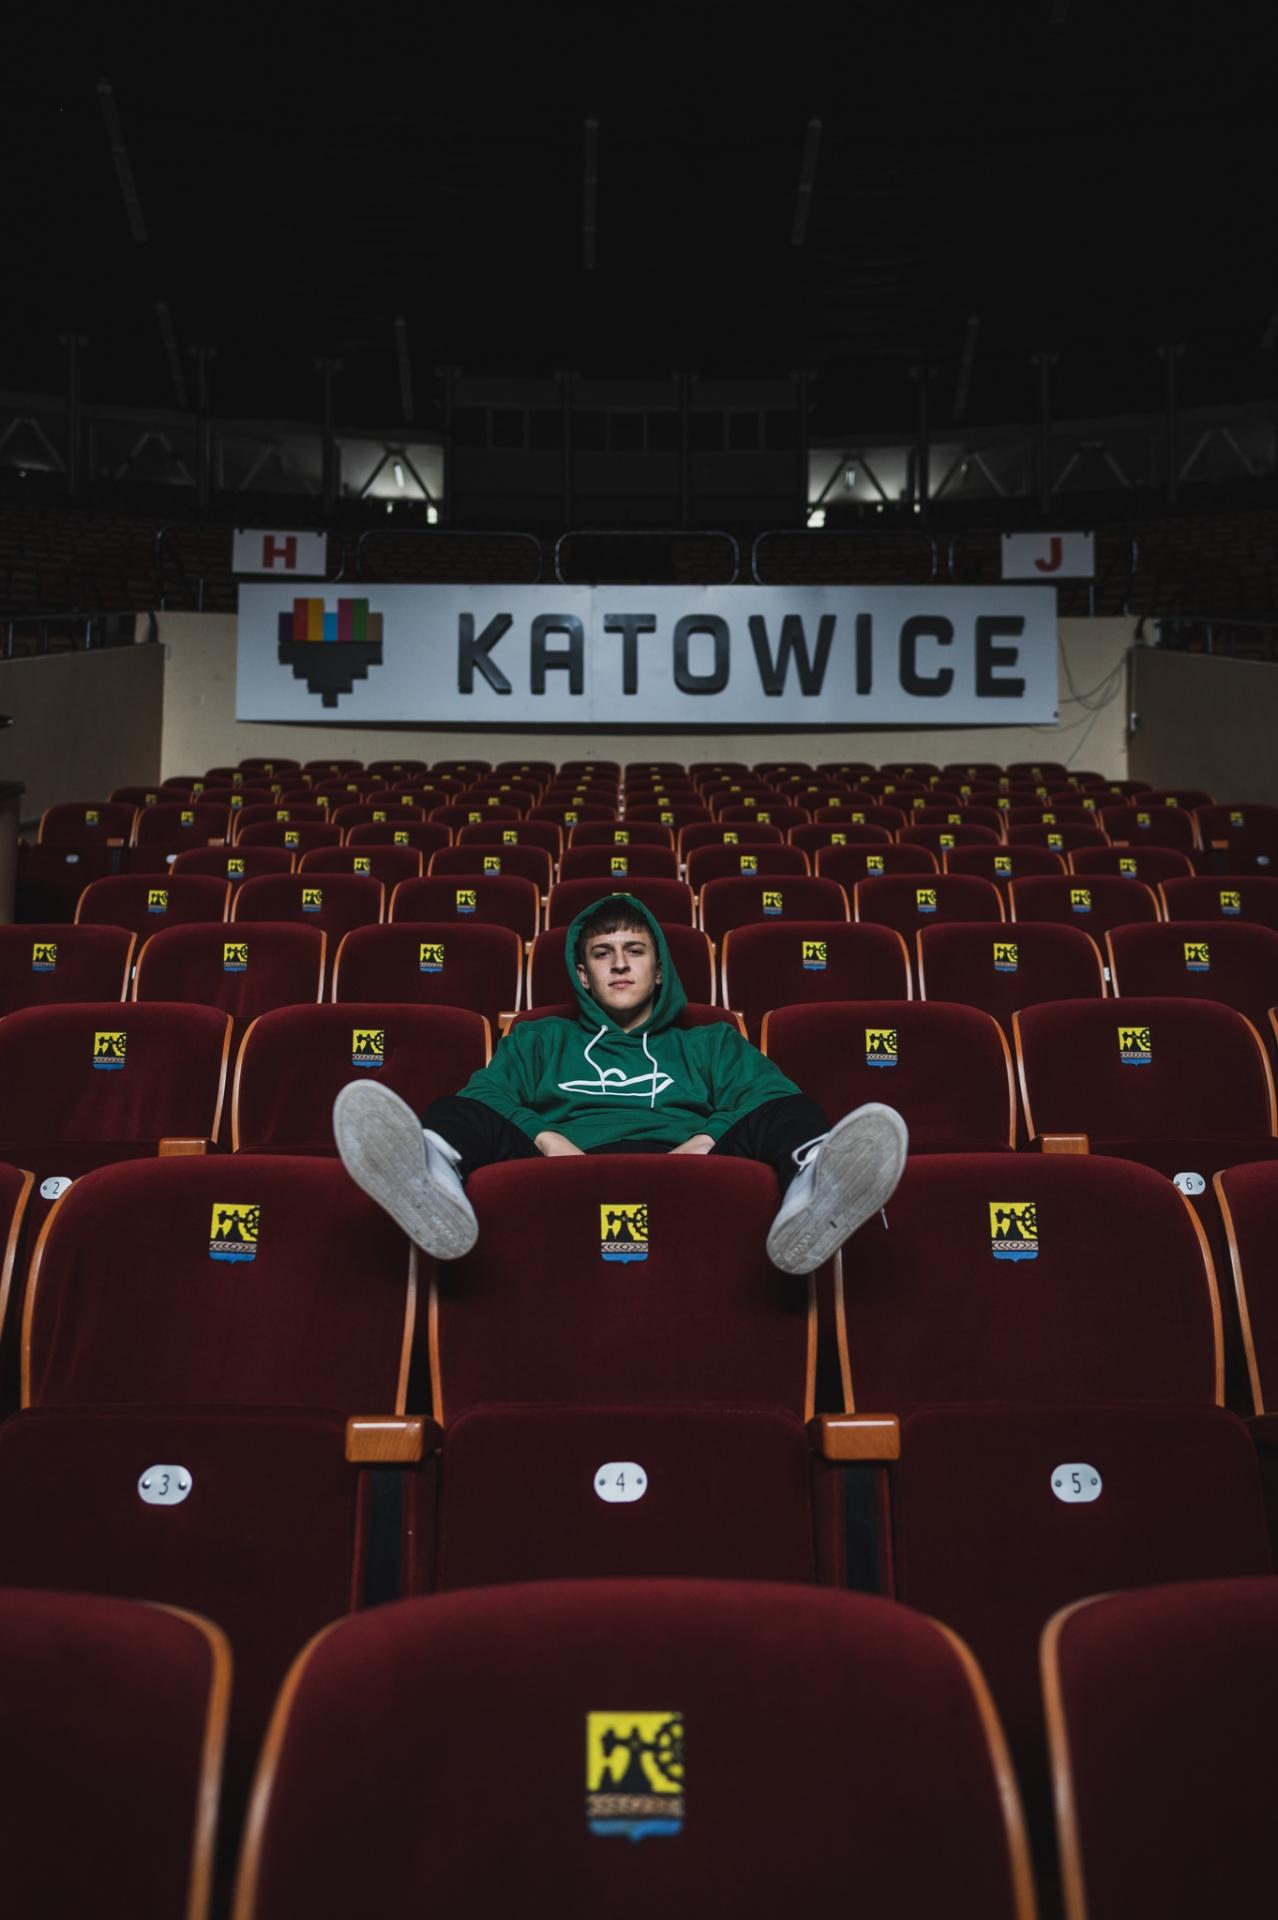 yy_katowice_designalive-19